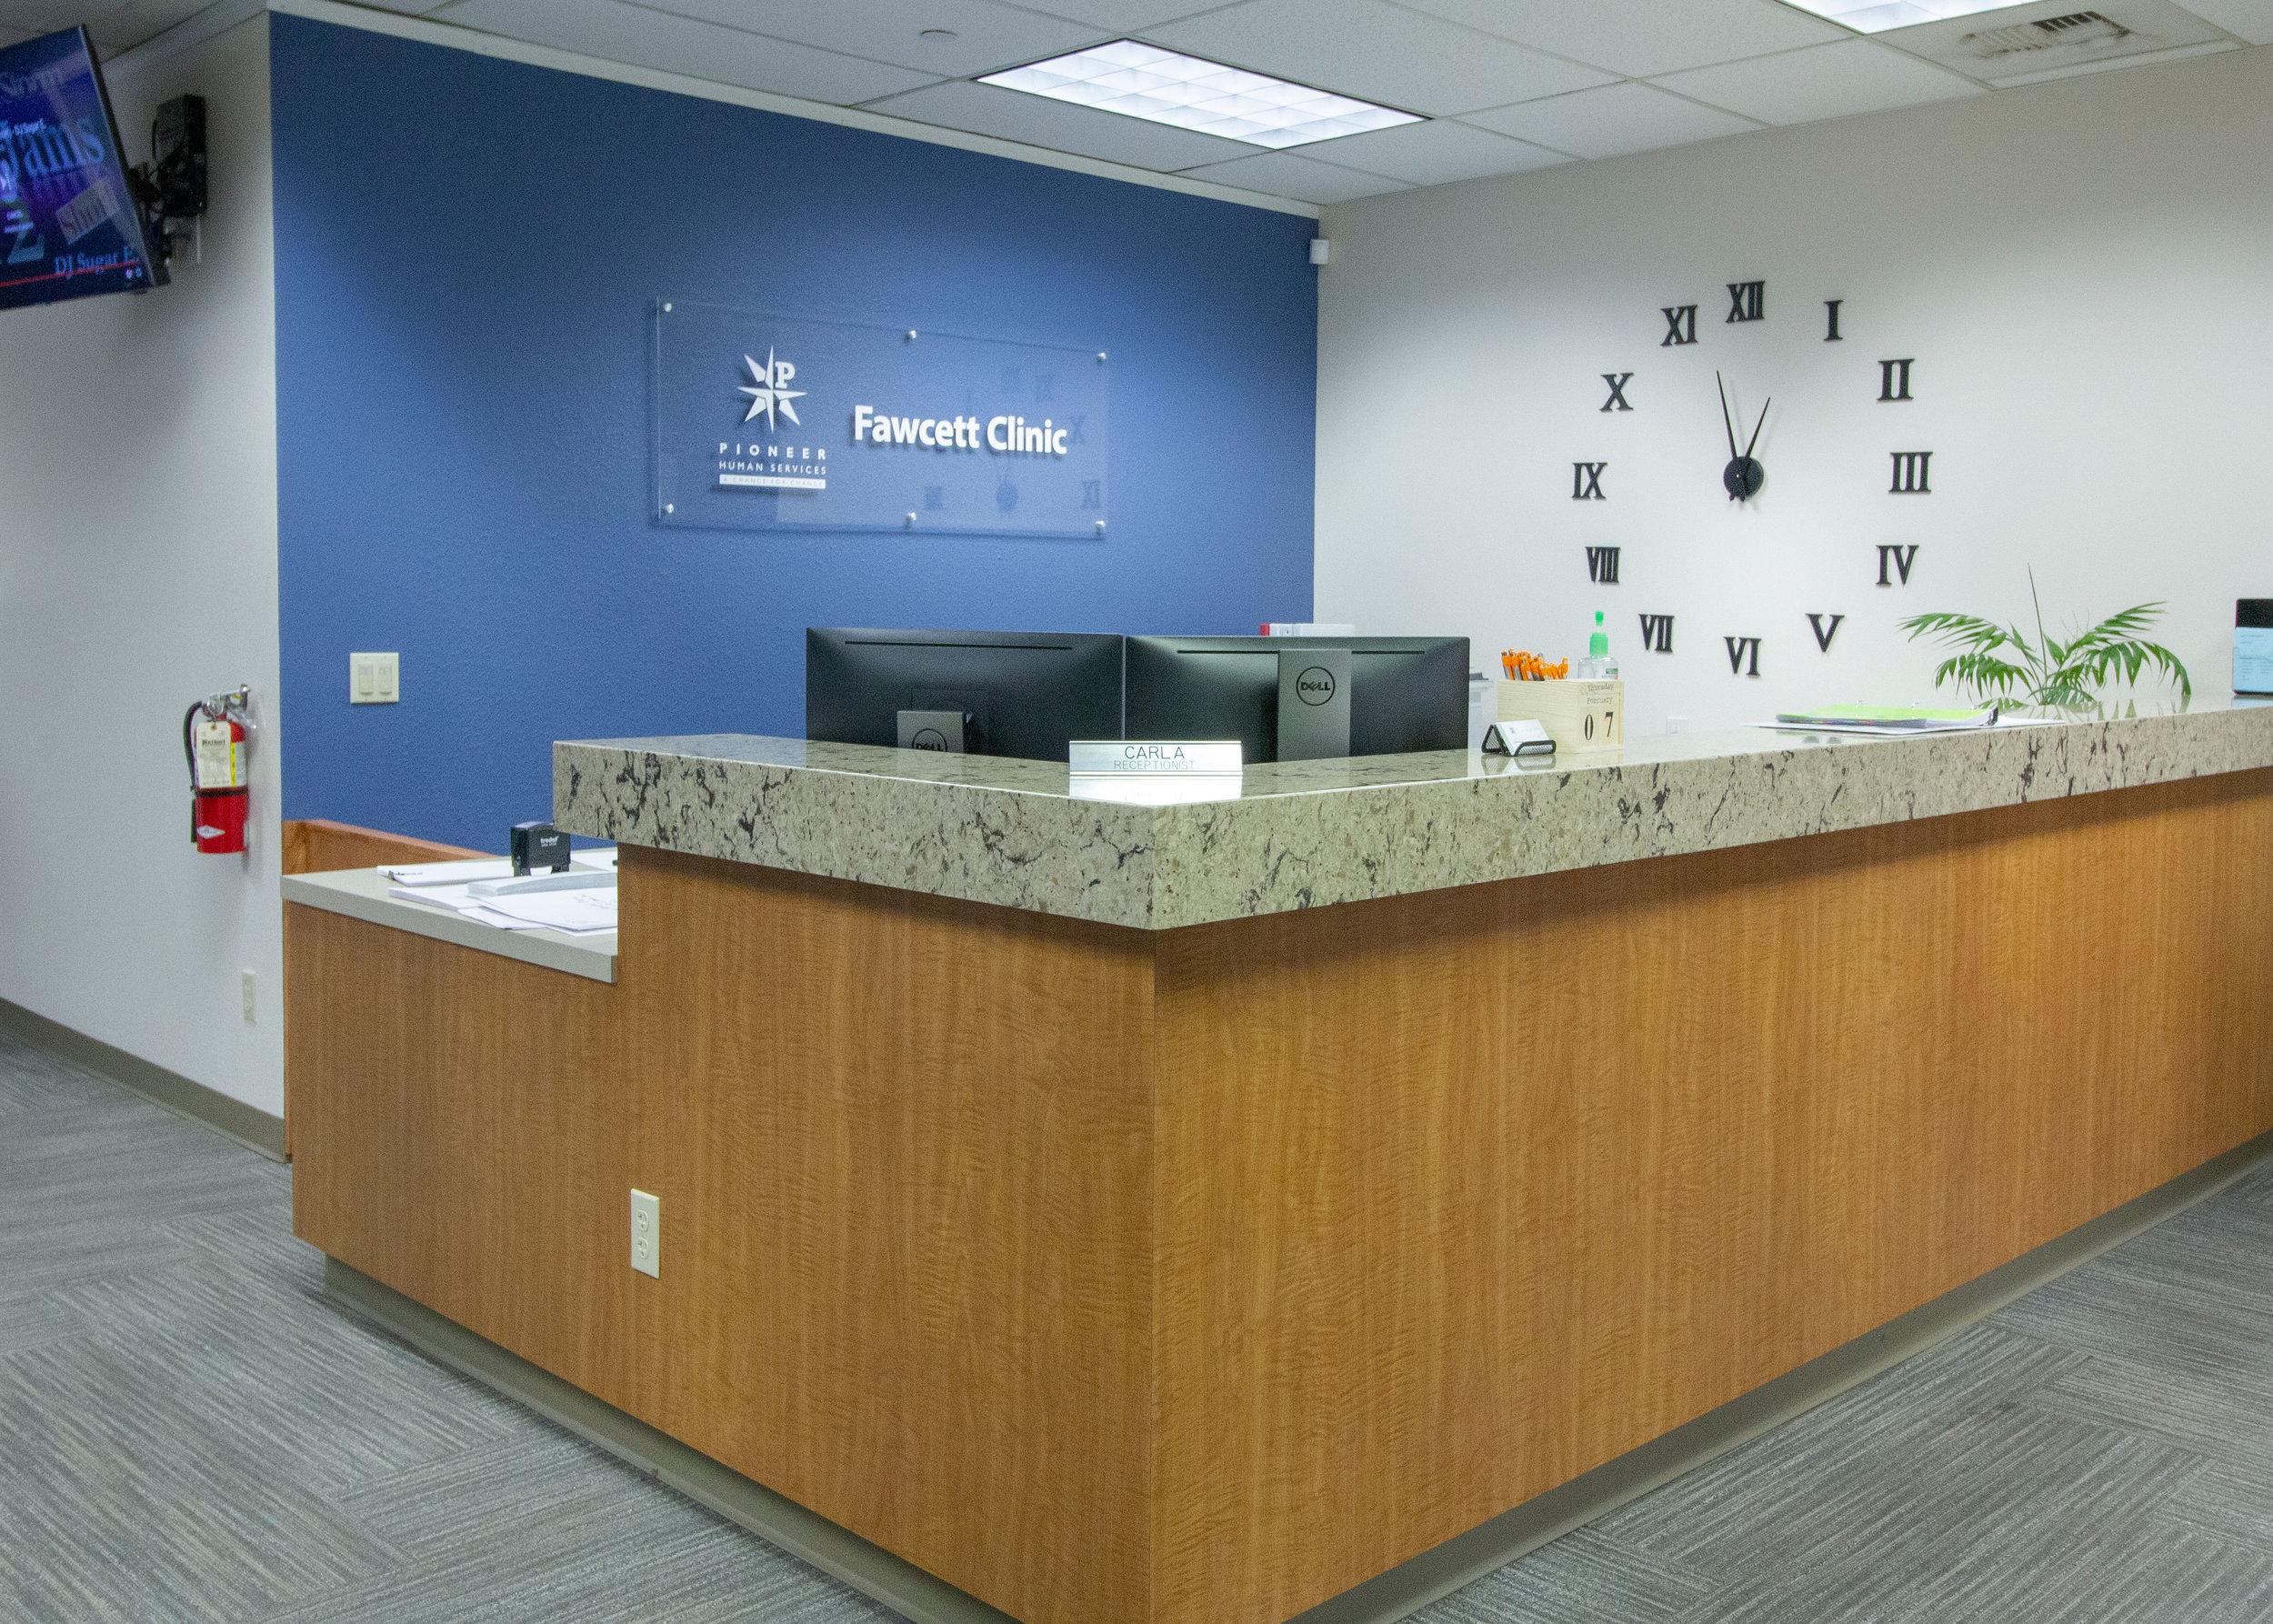 020719-Fawcett-Clinic-13.jpg